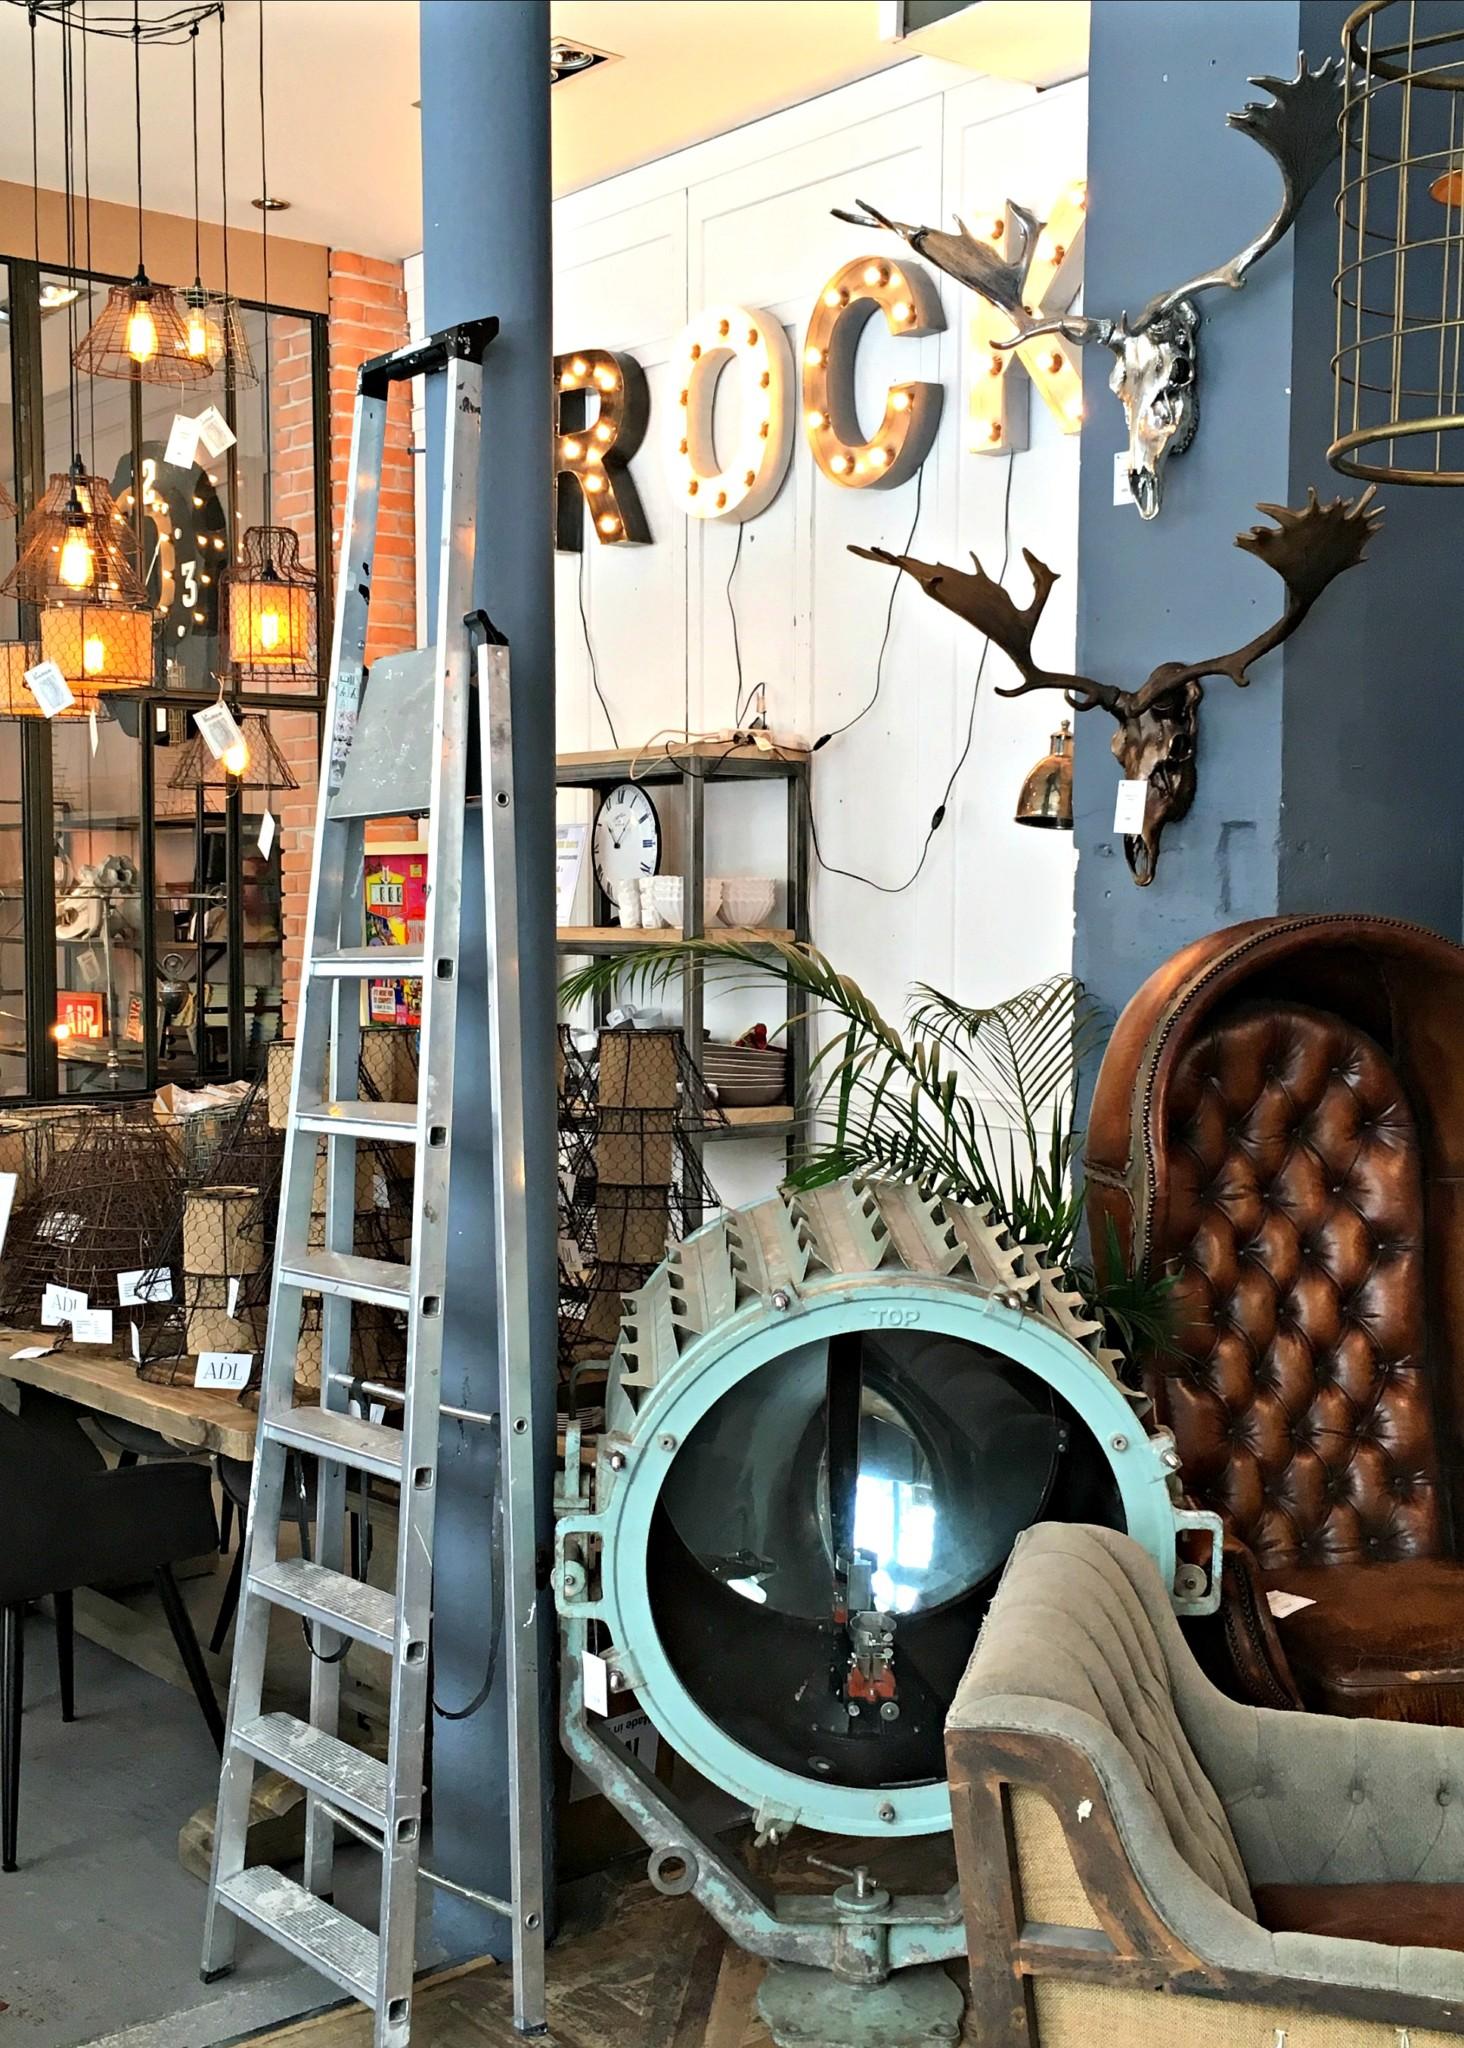 Дизайнерский Париж. Интерьерные магазины и музей | Блог Варвары Лялягиной «Дом, в который хочется приходить»